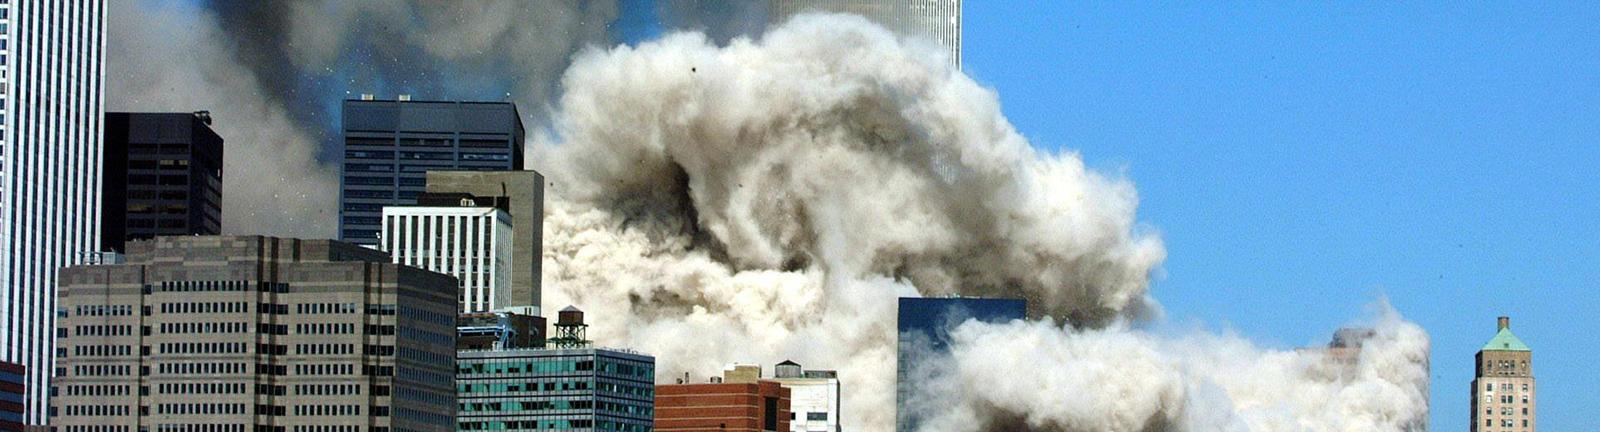 Die einstürzenden Türme des WTC